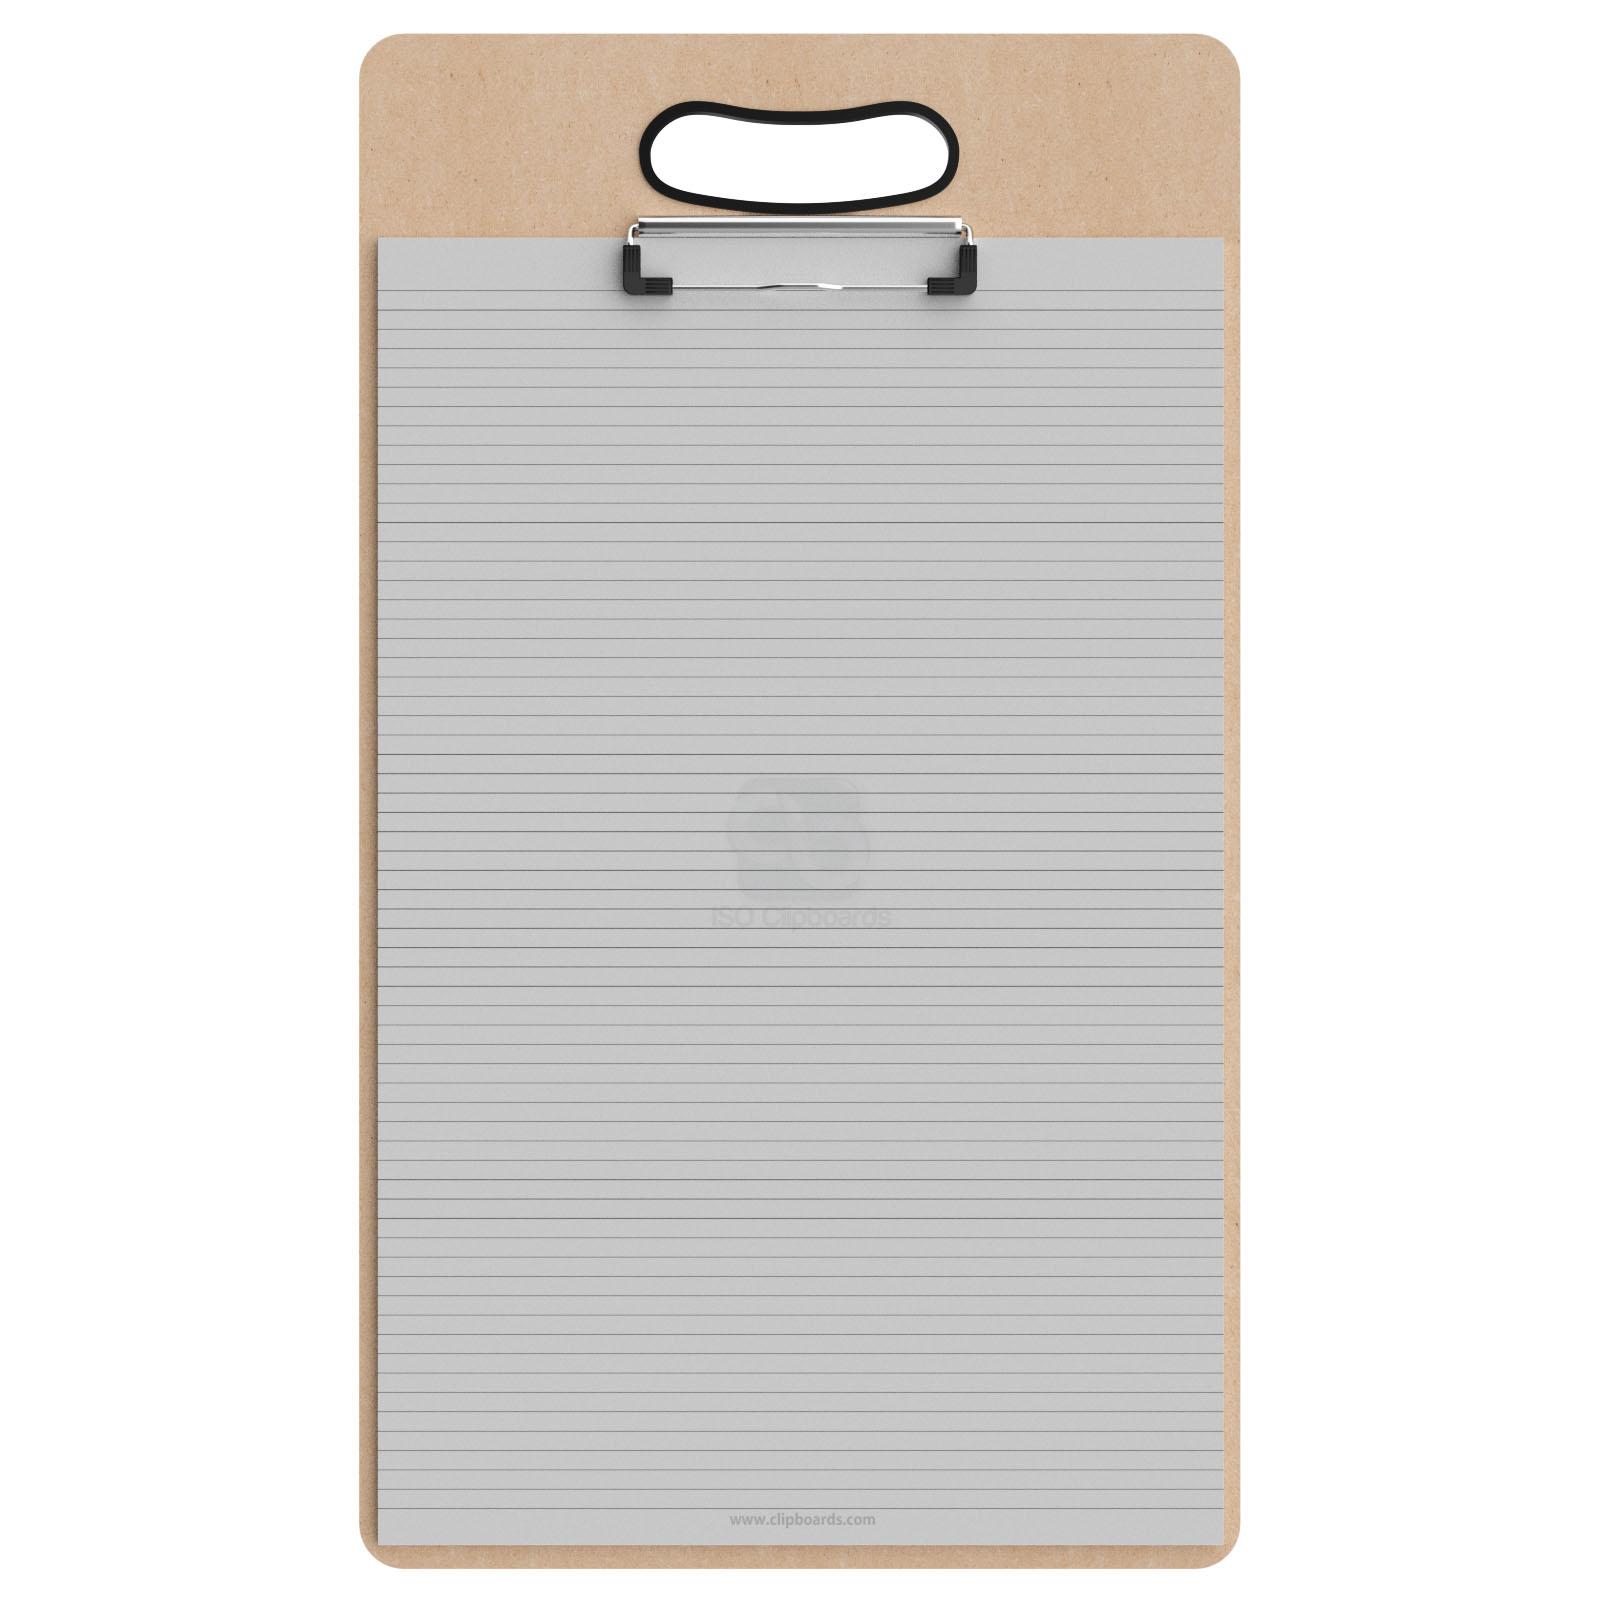 Ledger Card Holder : Ledger size vertical mdf handle clipboard